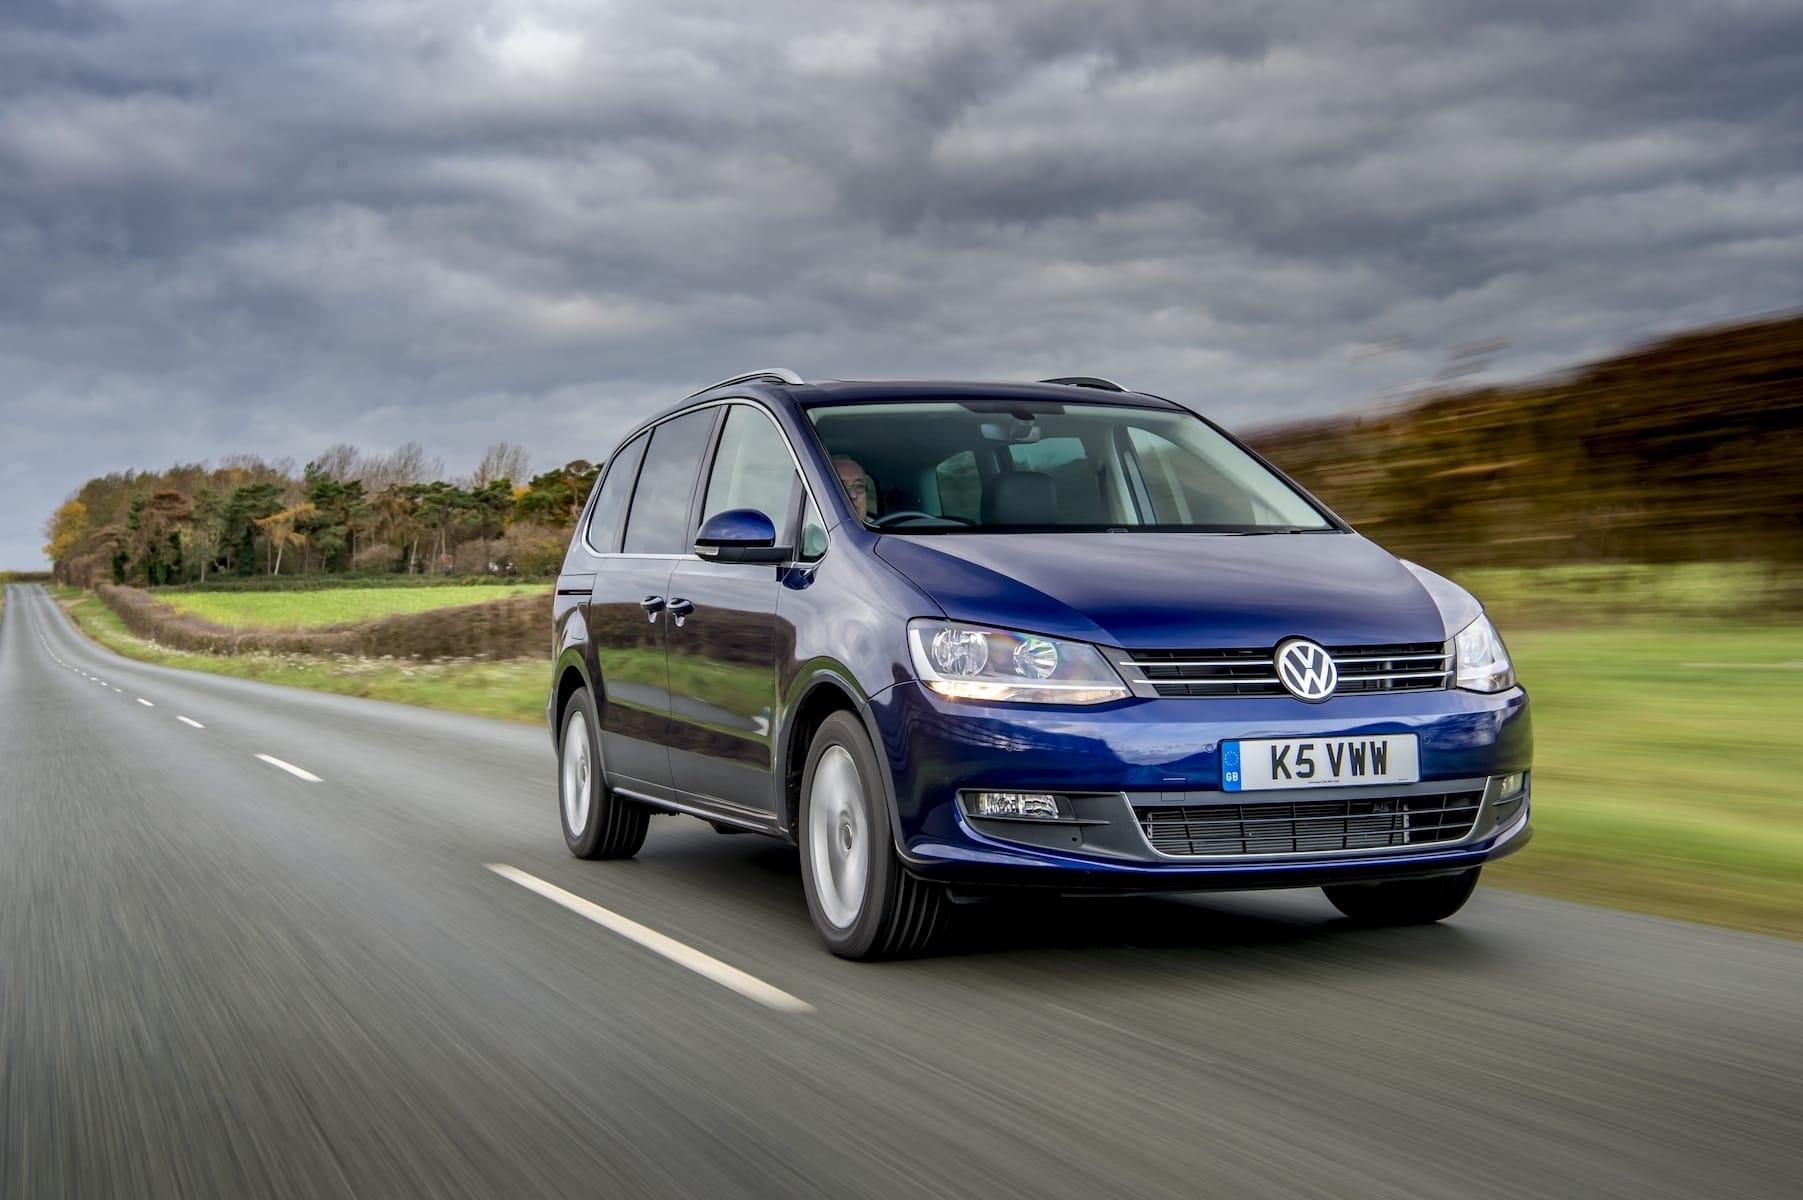 Volkswagen Sharan (2015 onwards) – front view